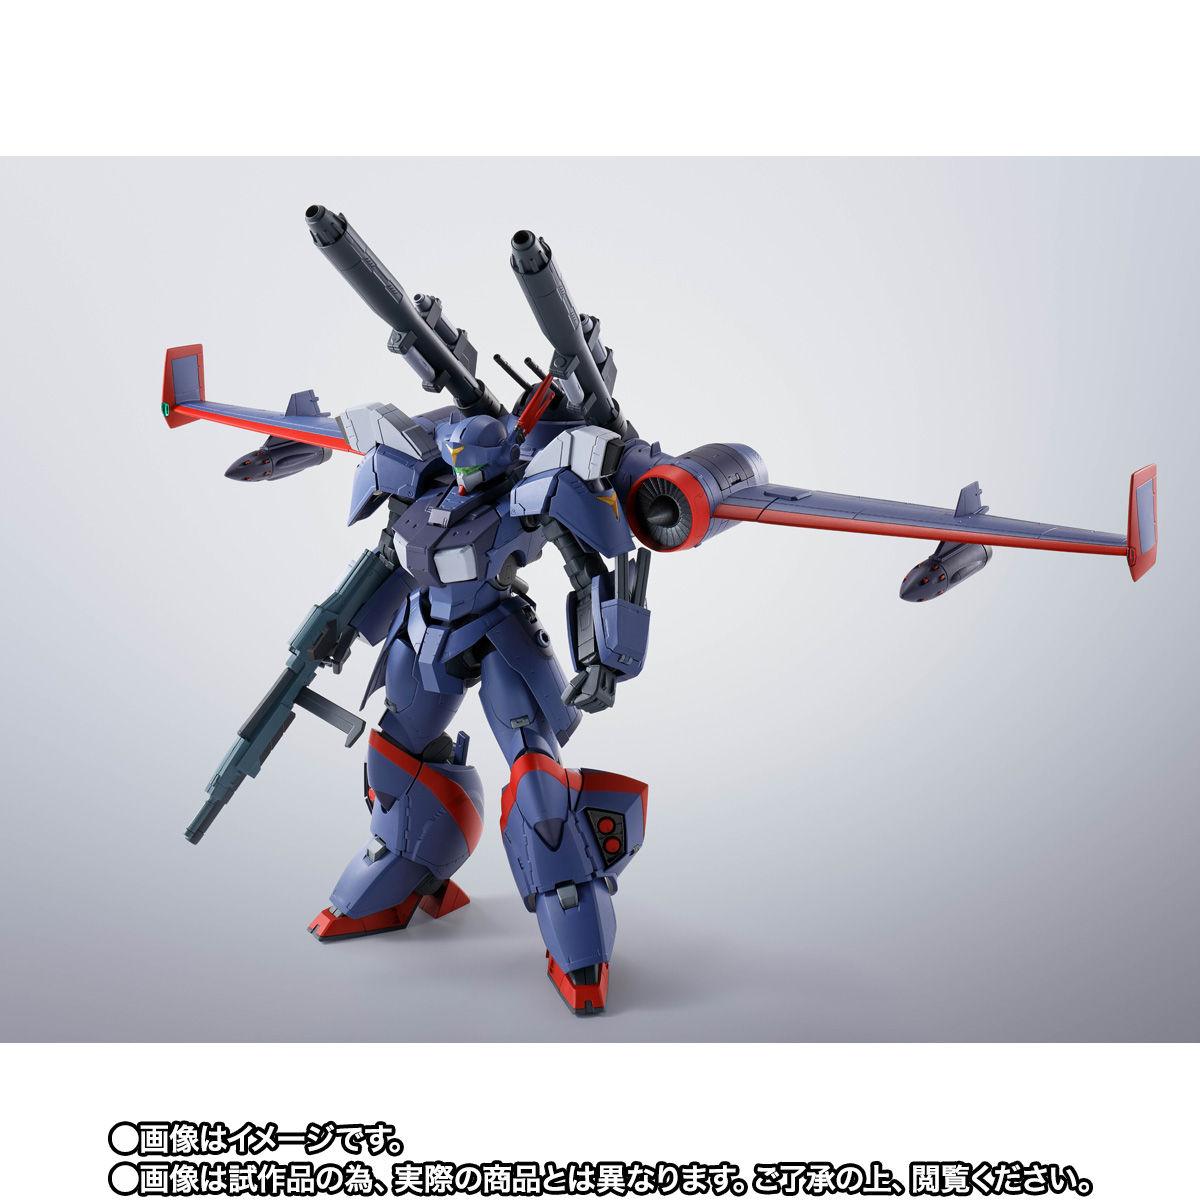 【限定販売】HI-METAL R『ドラグナー2カスタム』機甲戦記ドラグナー 可動フィギュア-002